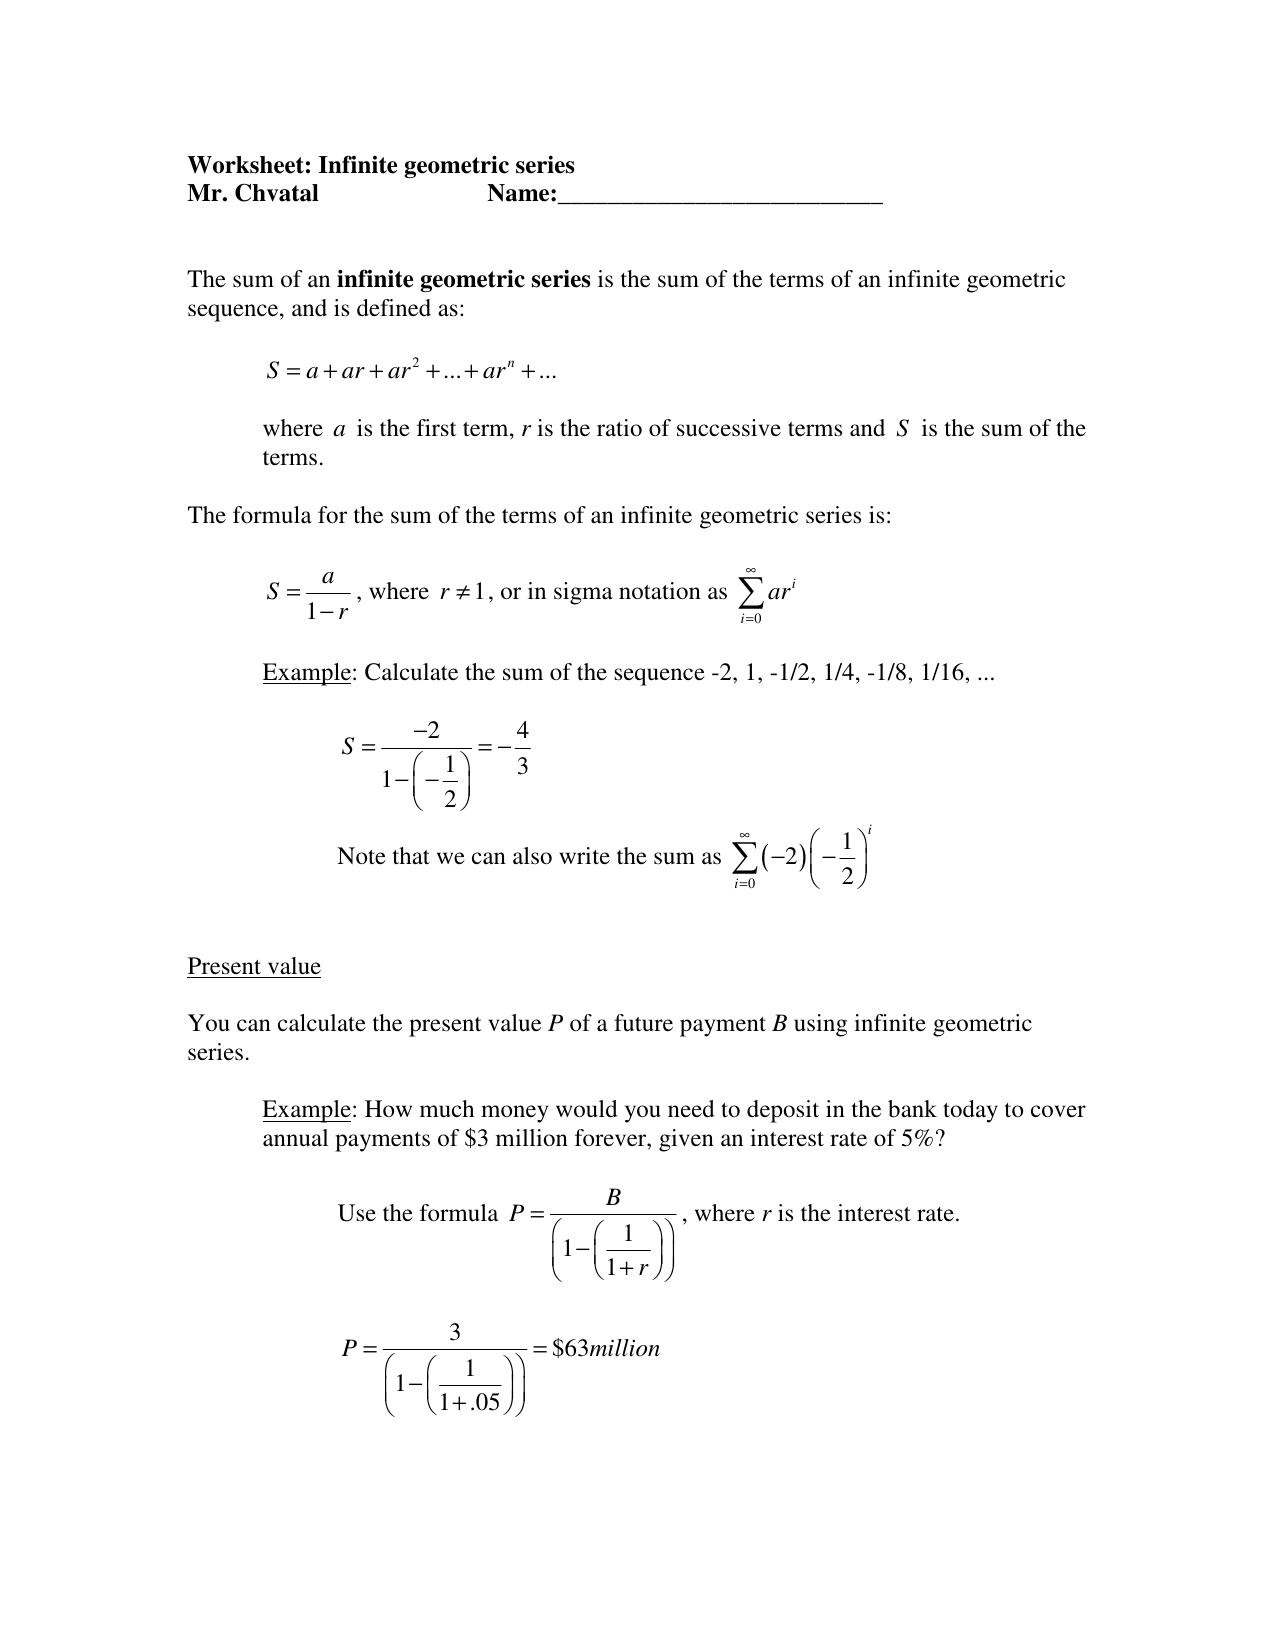 Worksheet: Infinite geometric series